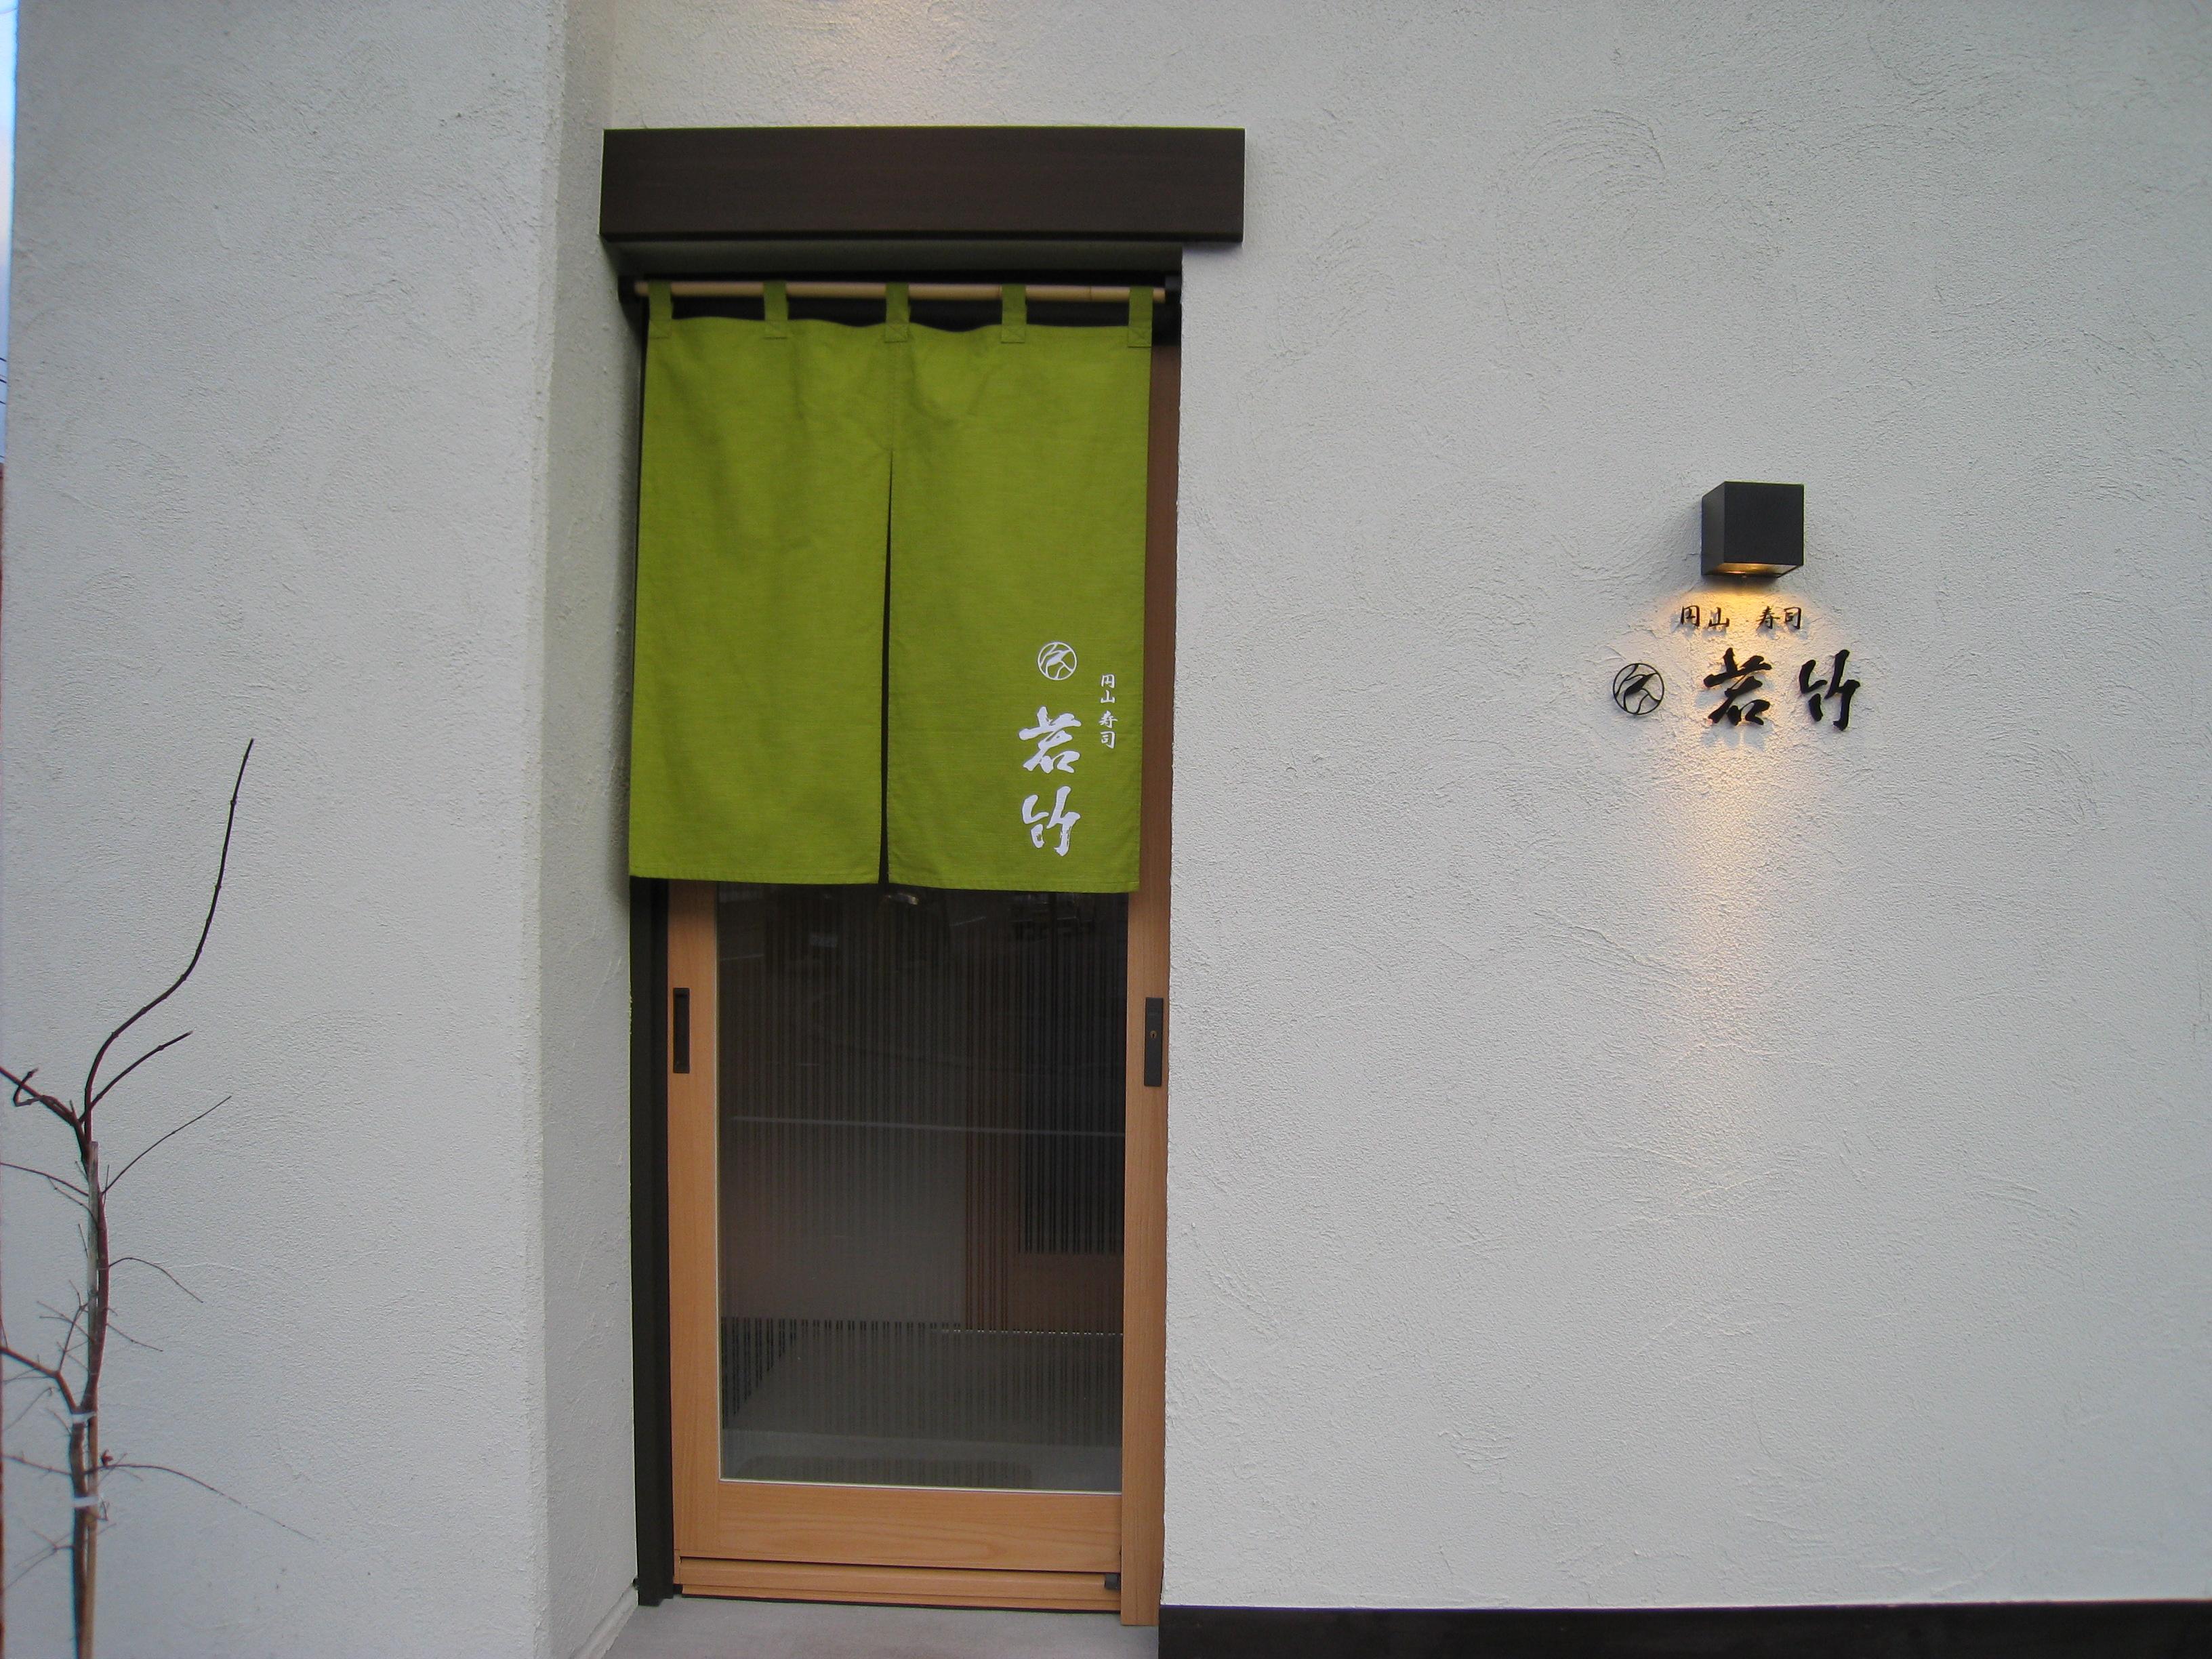 wakatake1